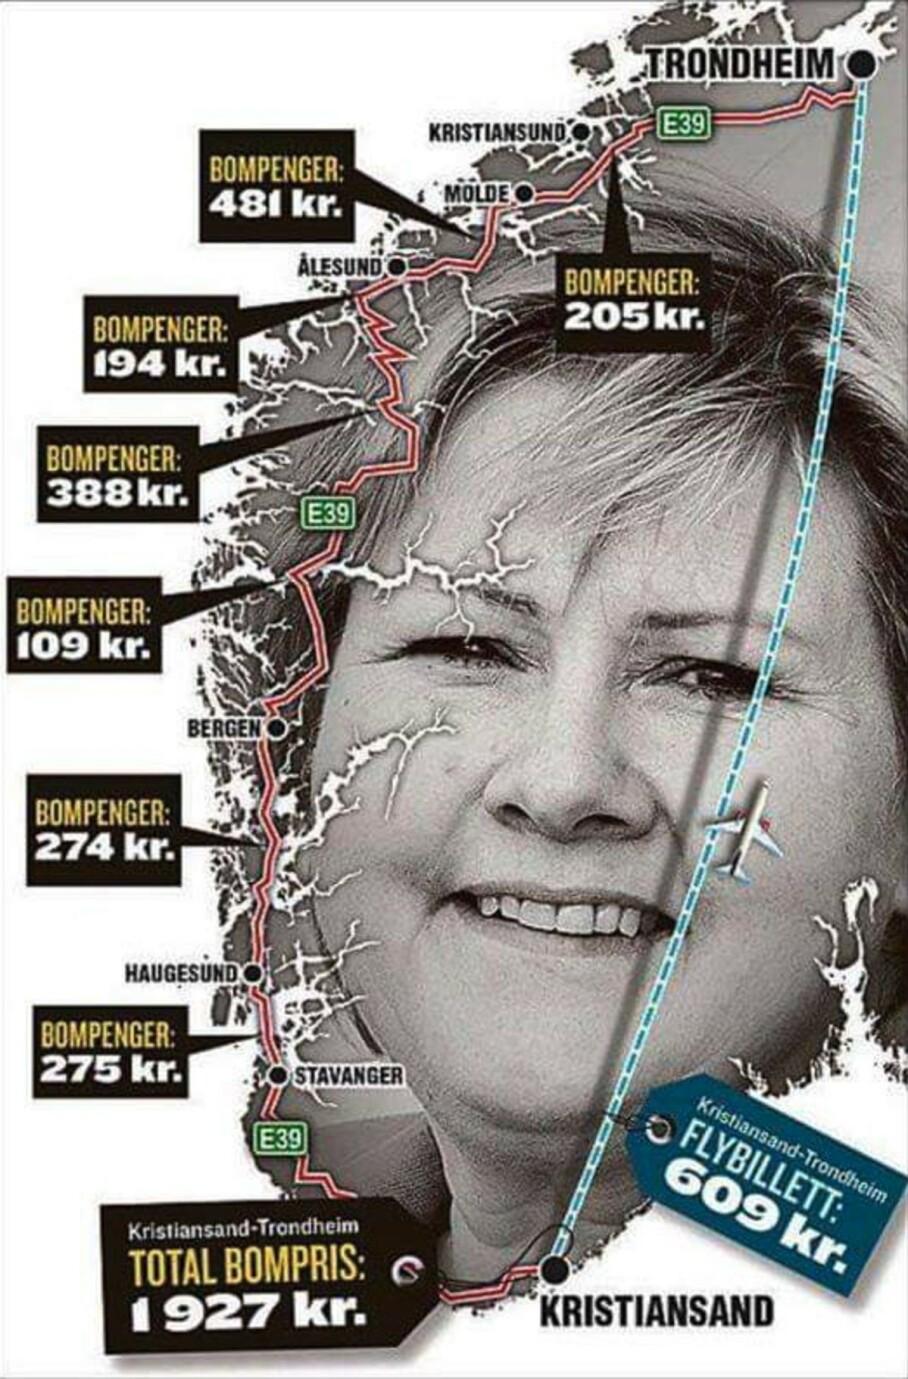 Bildet som har versert på Facebook i det siste skal vise at det er langt dyrere å kjøre enn å fly fra Kristiansand til Trondheim. Men er det sant? Foto: Skjermdump fra Facebook/VG